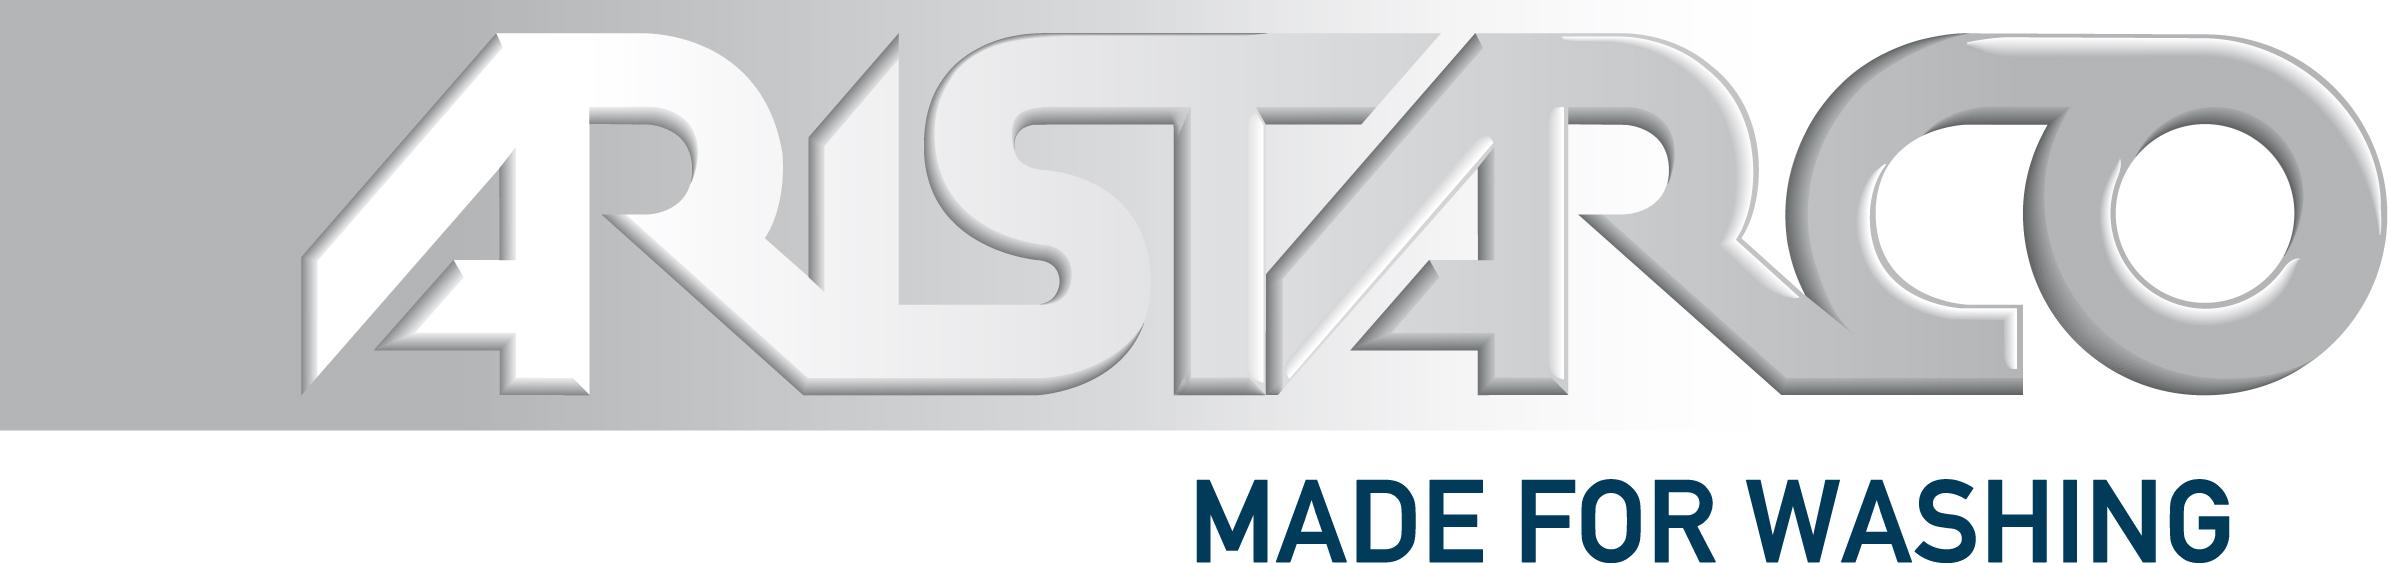 Aristarco ist heute ein führender Hersteller von Maschinen und Anlagen für die Gastronomie und Hotels.